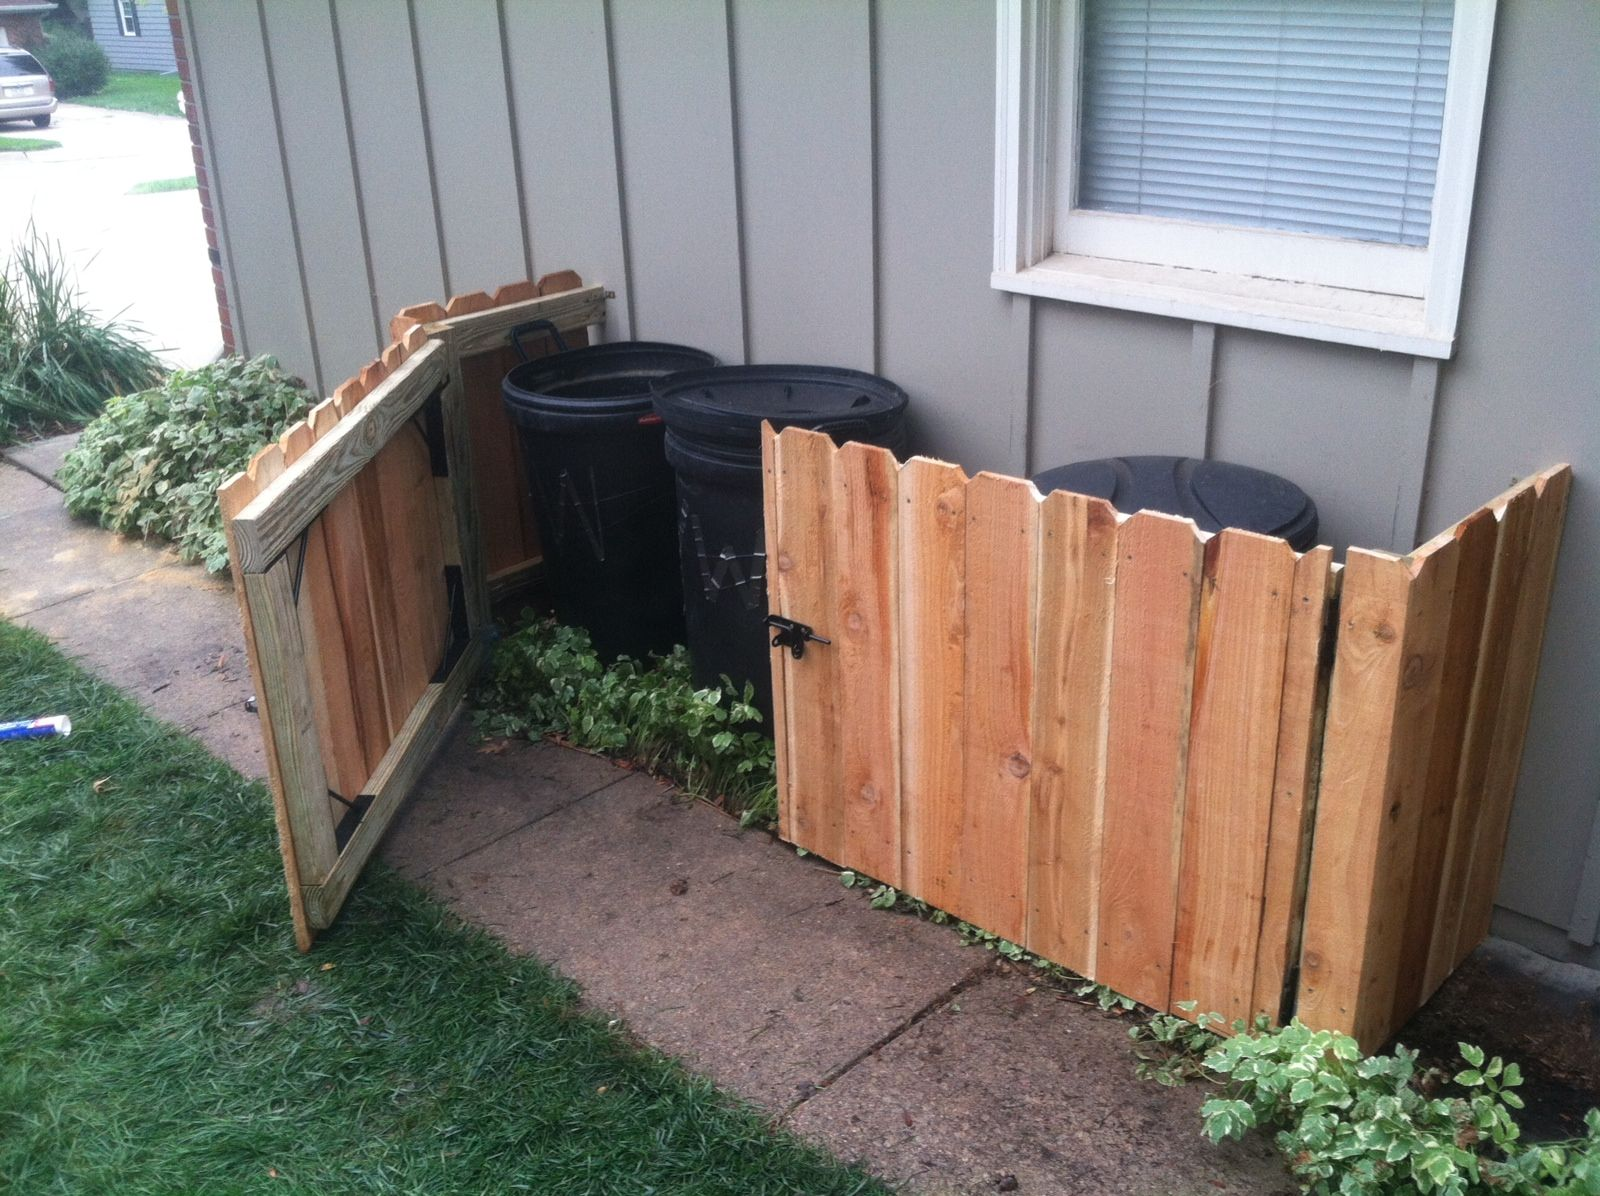 DIY trash can storage Front yard landscape